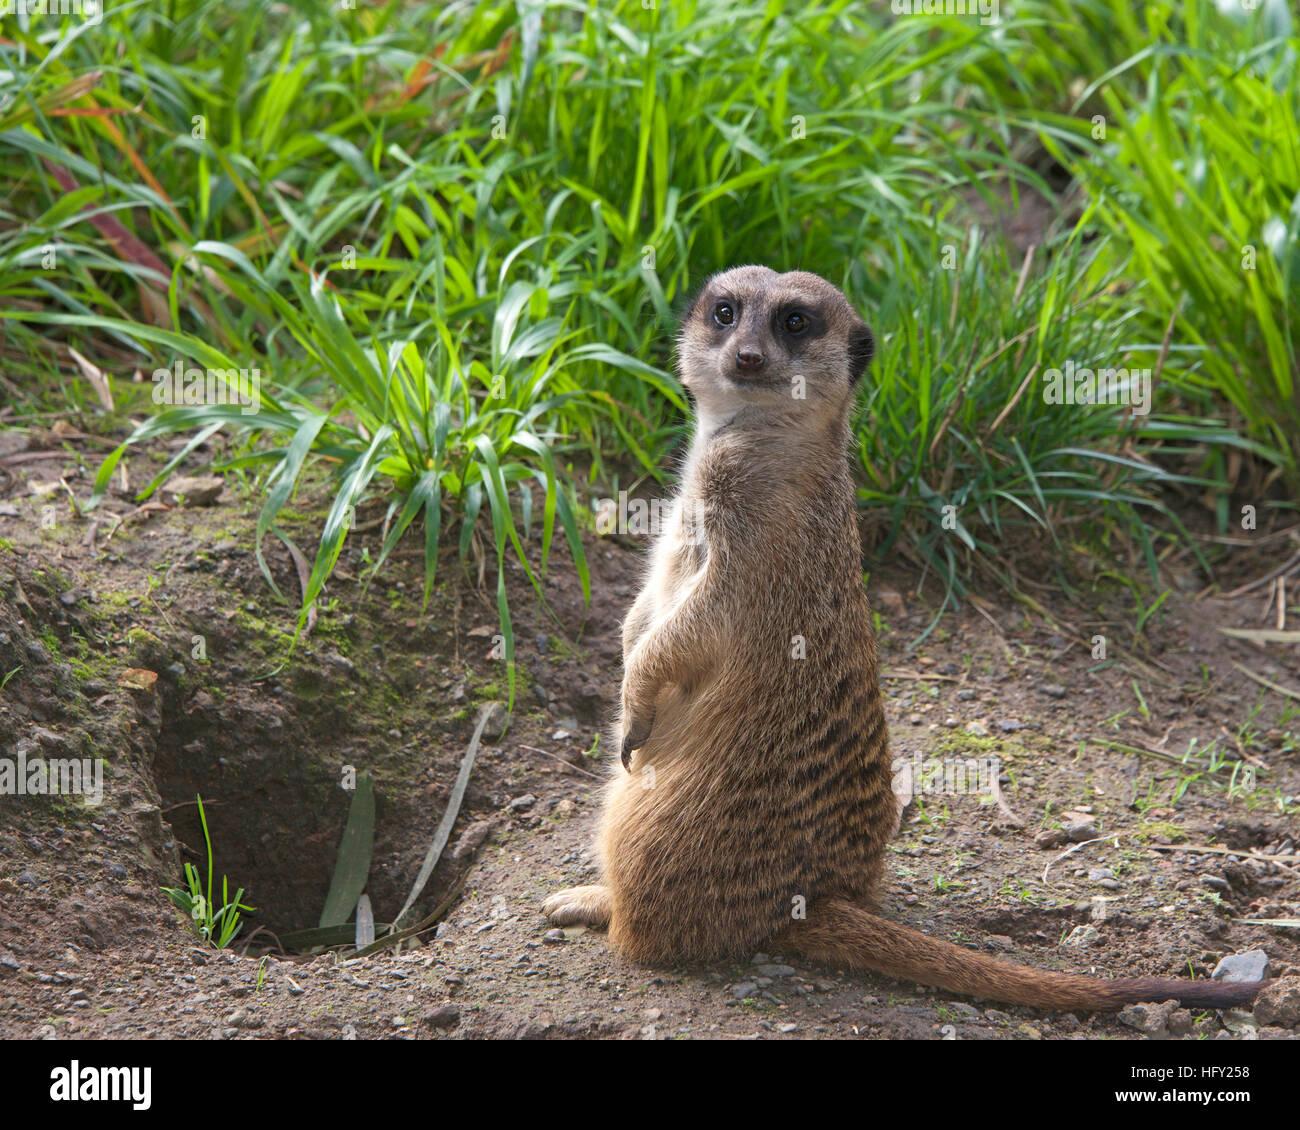 Single meerkat standing up in the grass looking for predators - Stock Image